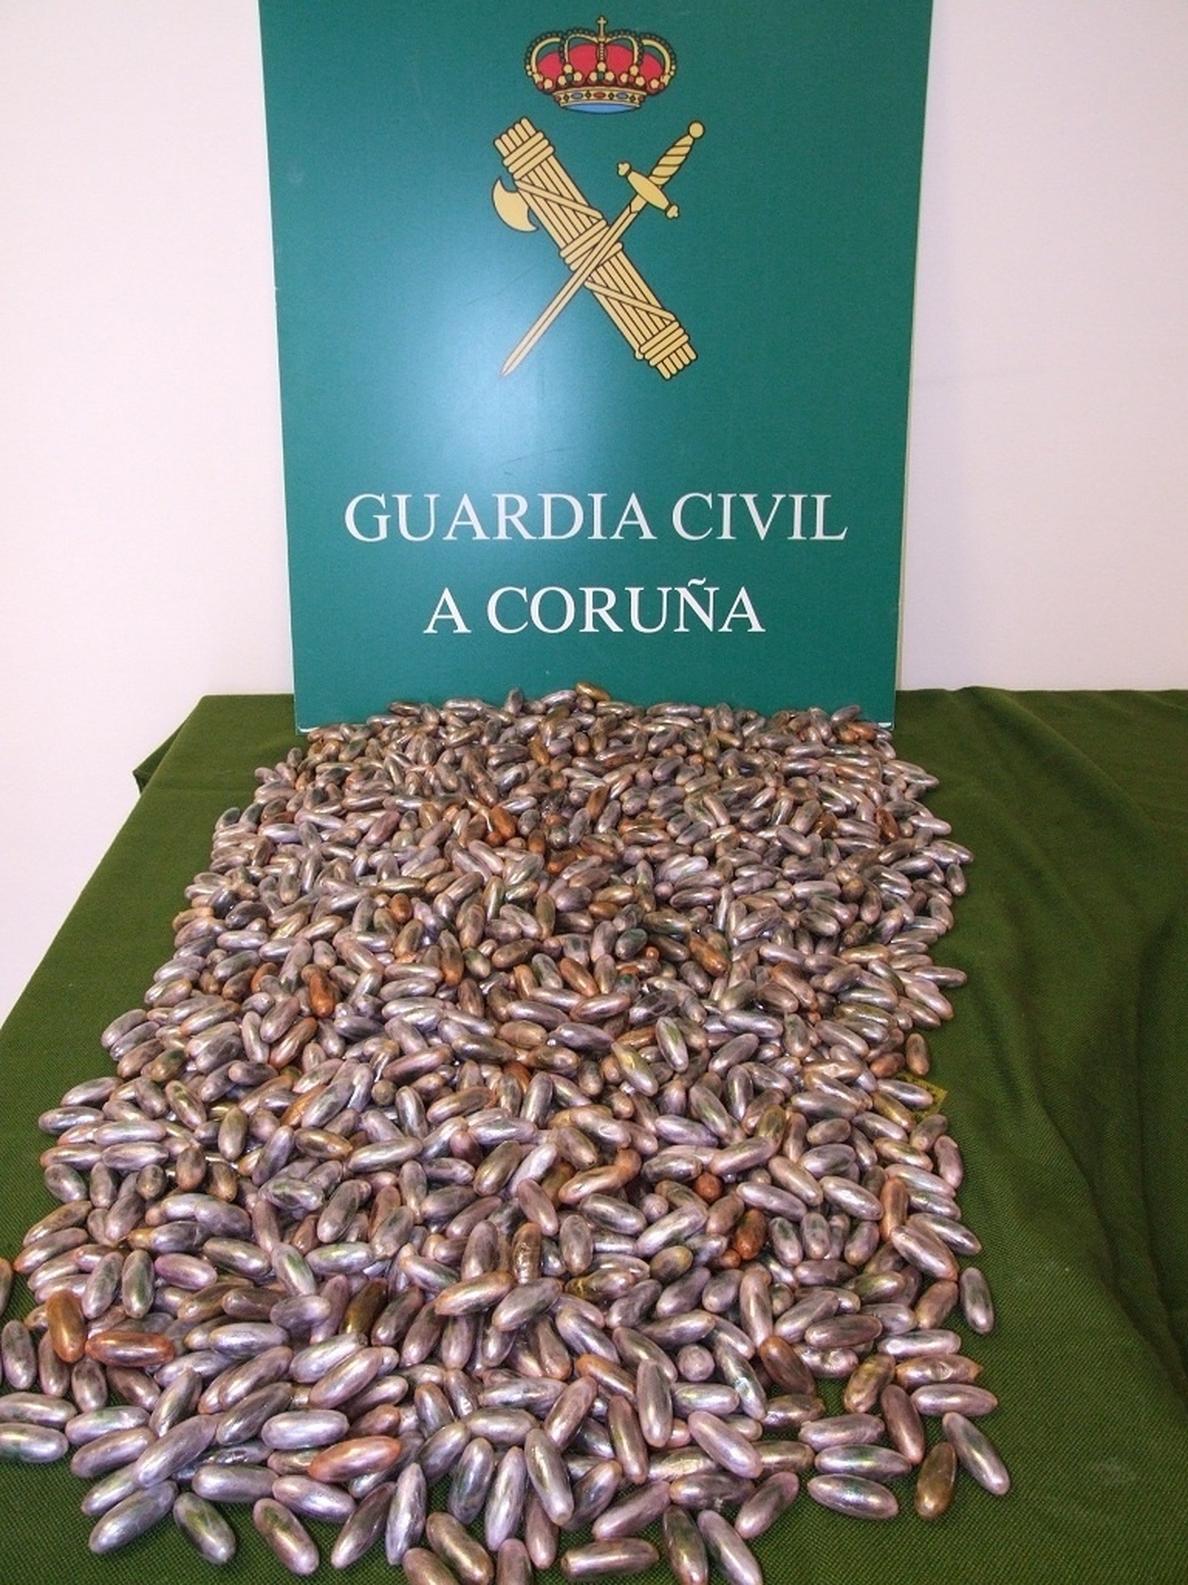 Detenido un vecino de Cambre (A Coruña) con un alijo de 1.600 bellotas de hachís escondido en el depósito del coche